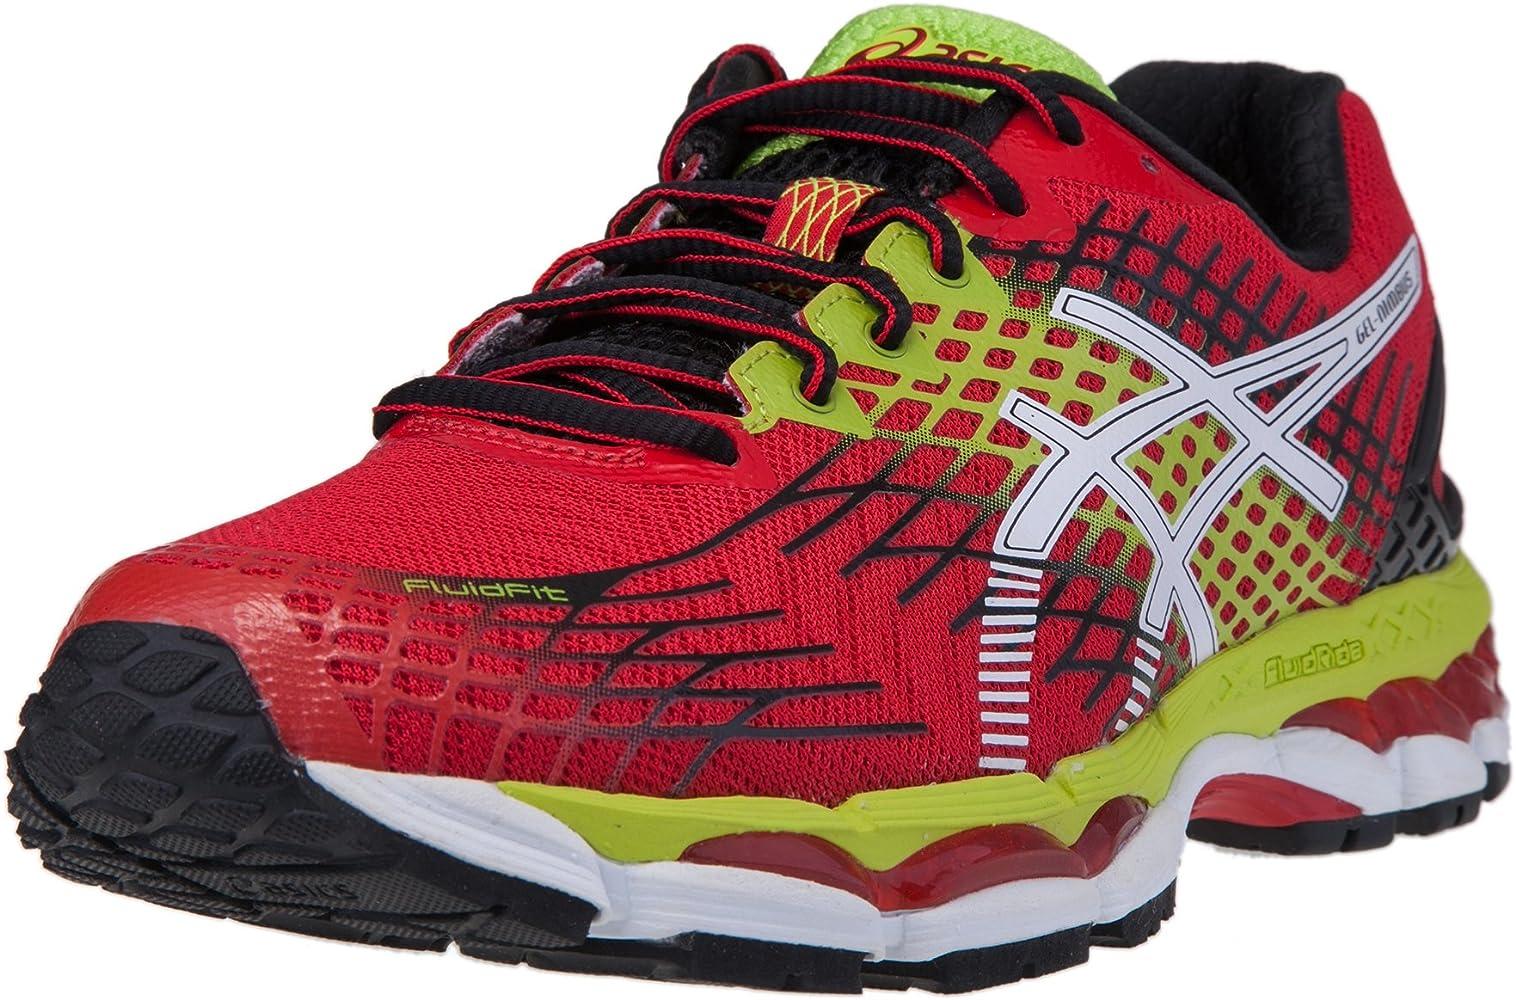 Asics Gel Nimbus 17 Zapatilla deportiva: Amazon.es: Zapatos y complementos